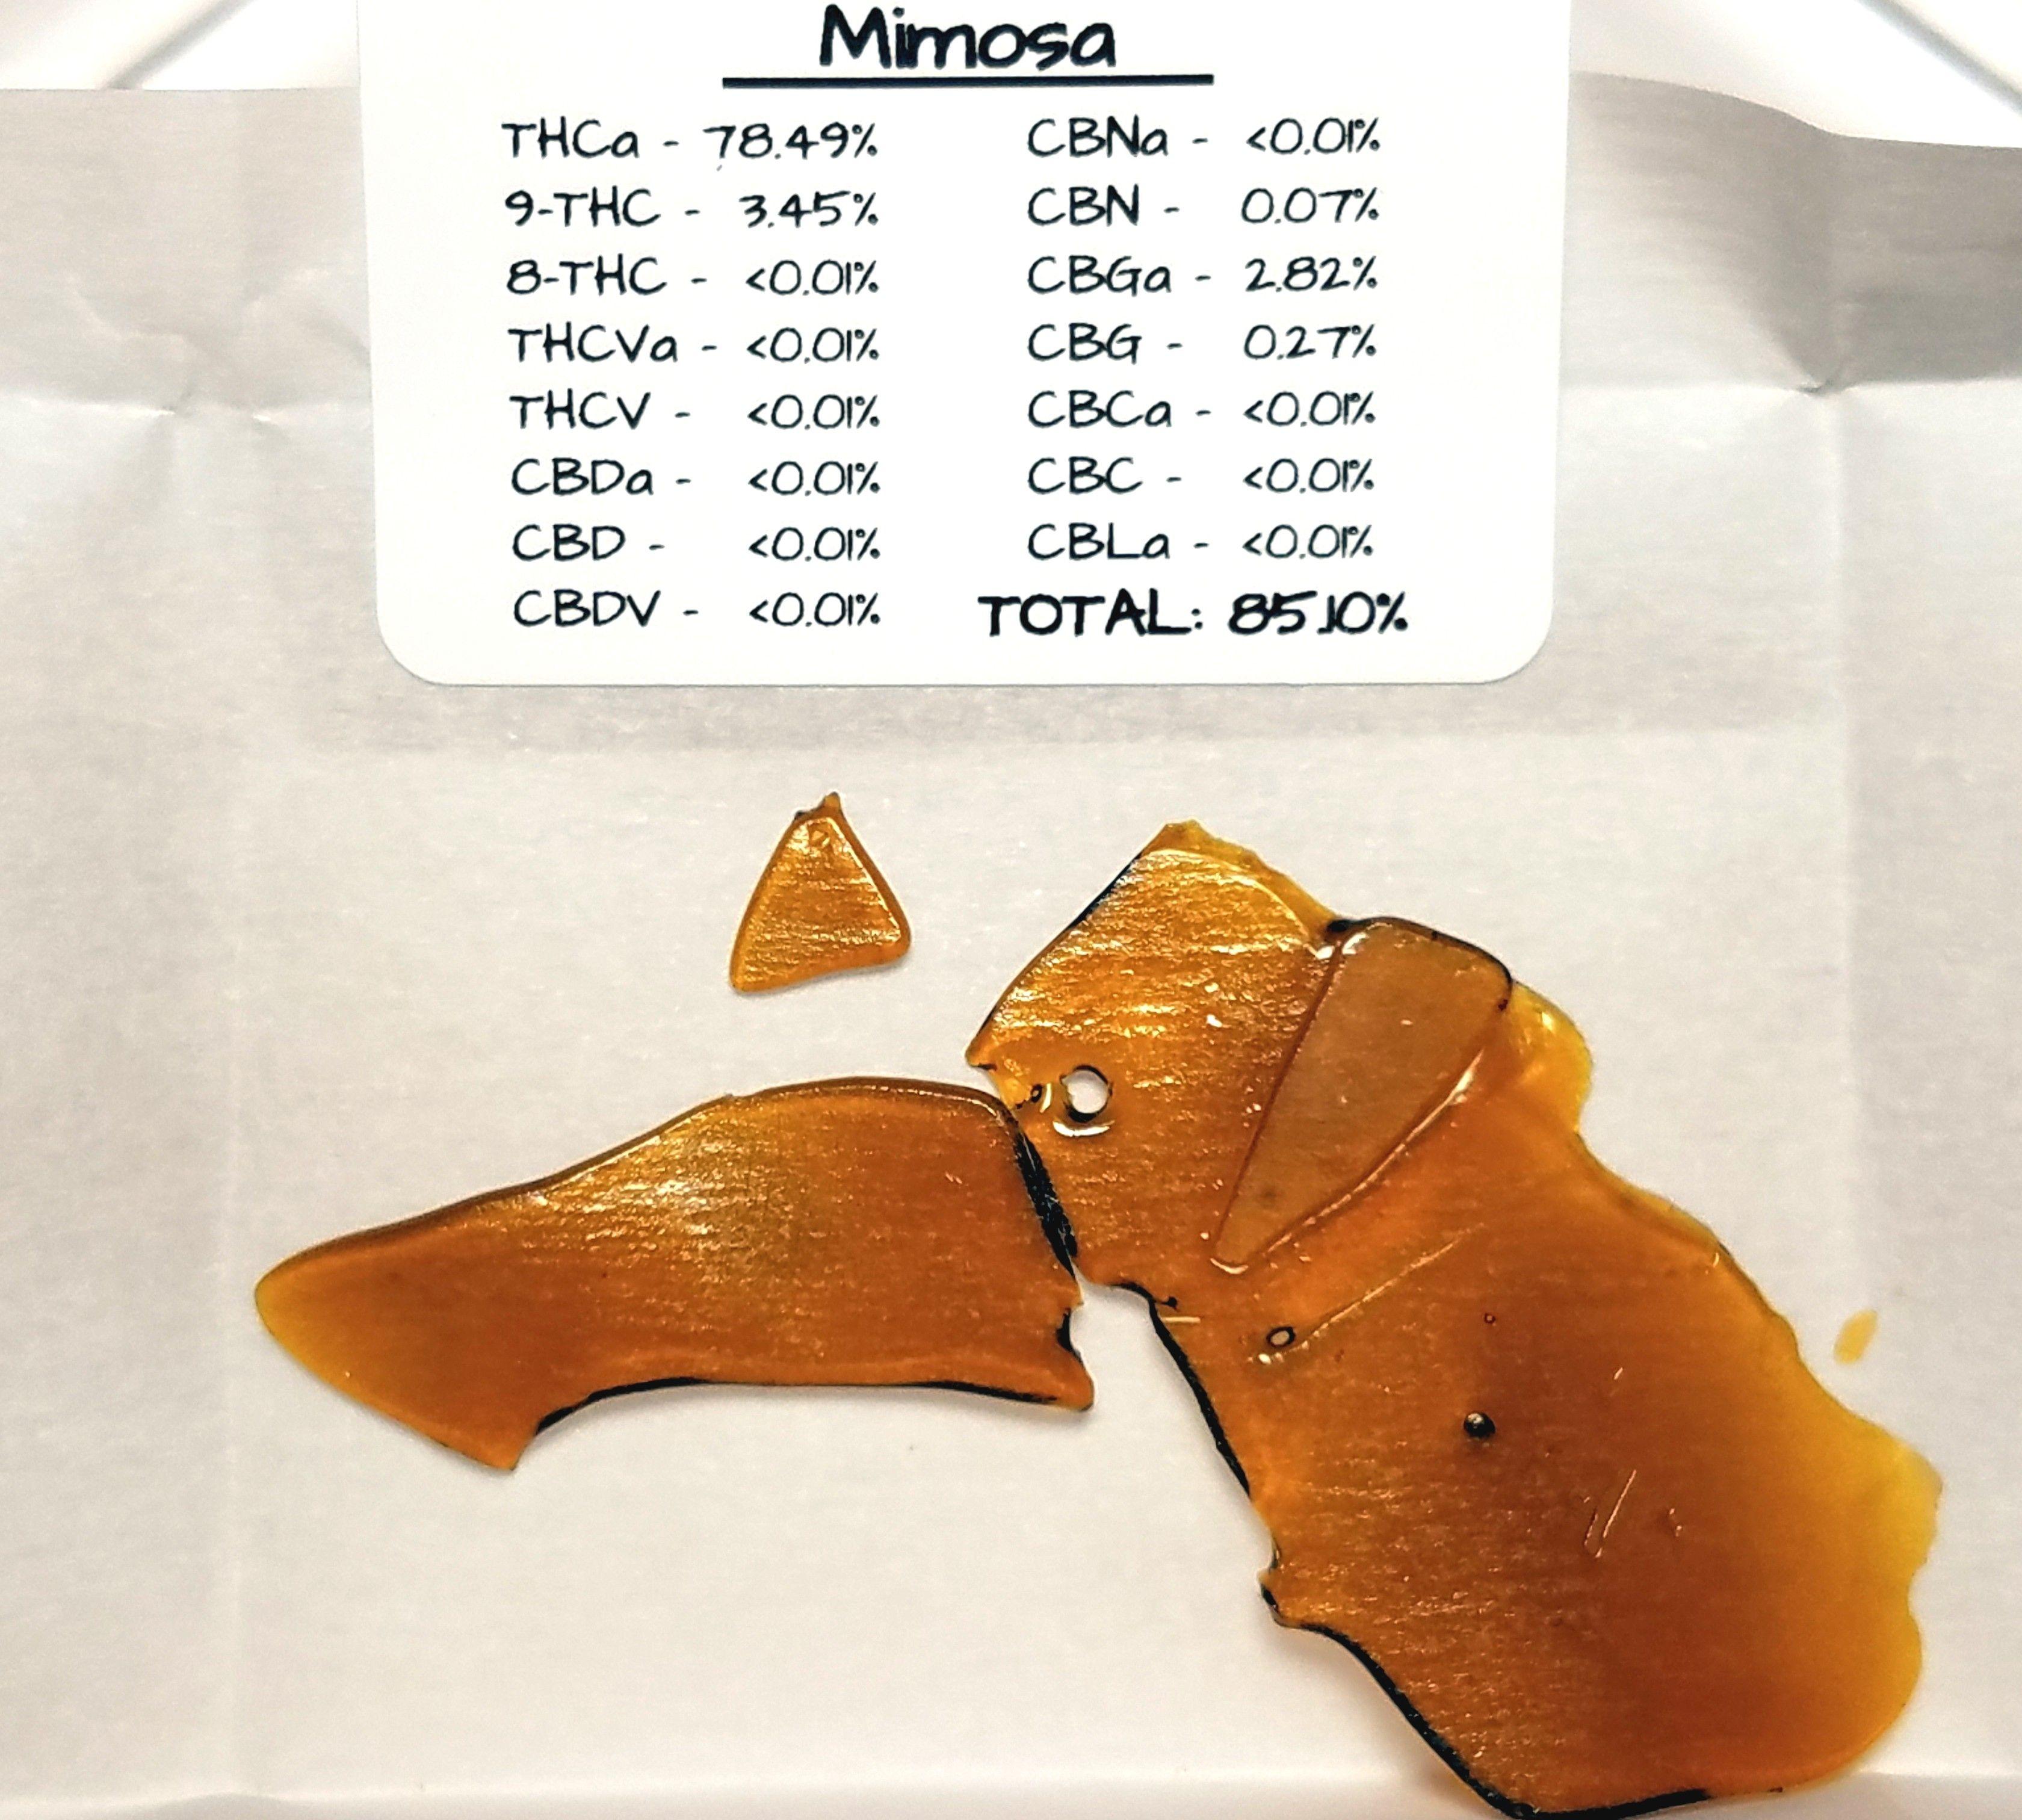 Dr. Jolly's - Mimosa, Sativa Hybrid , Shatter